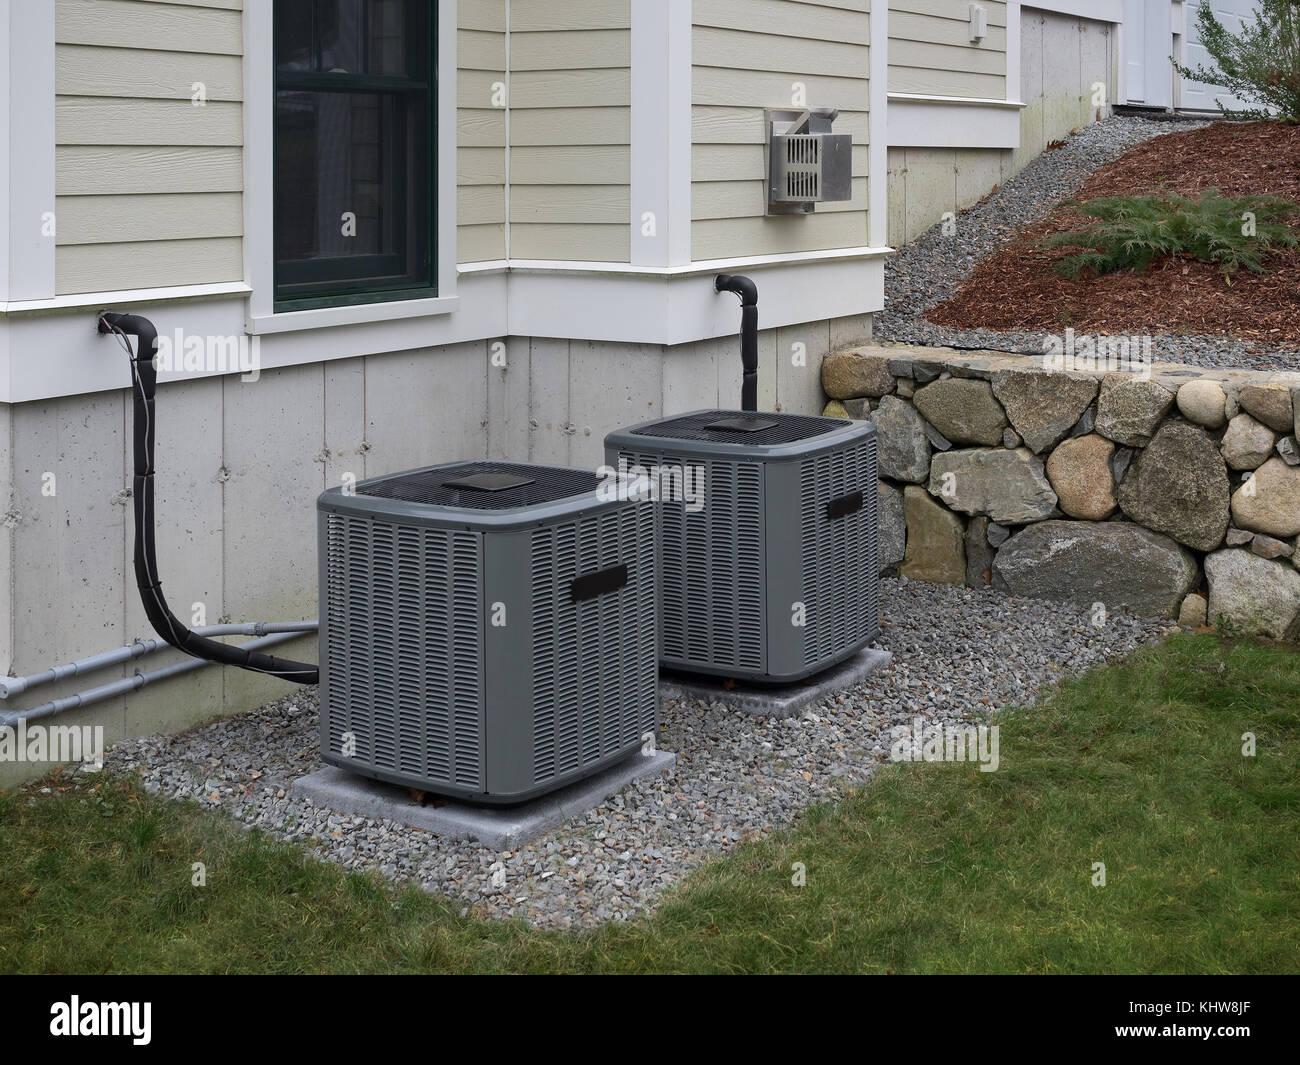 Heizung und Klimaanlage zum Heizen und Kühlen Stockbild